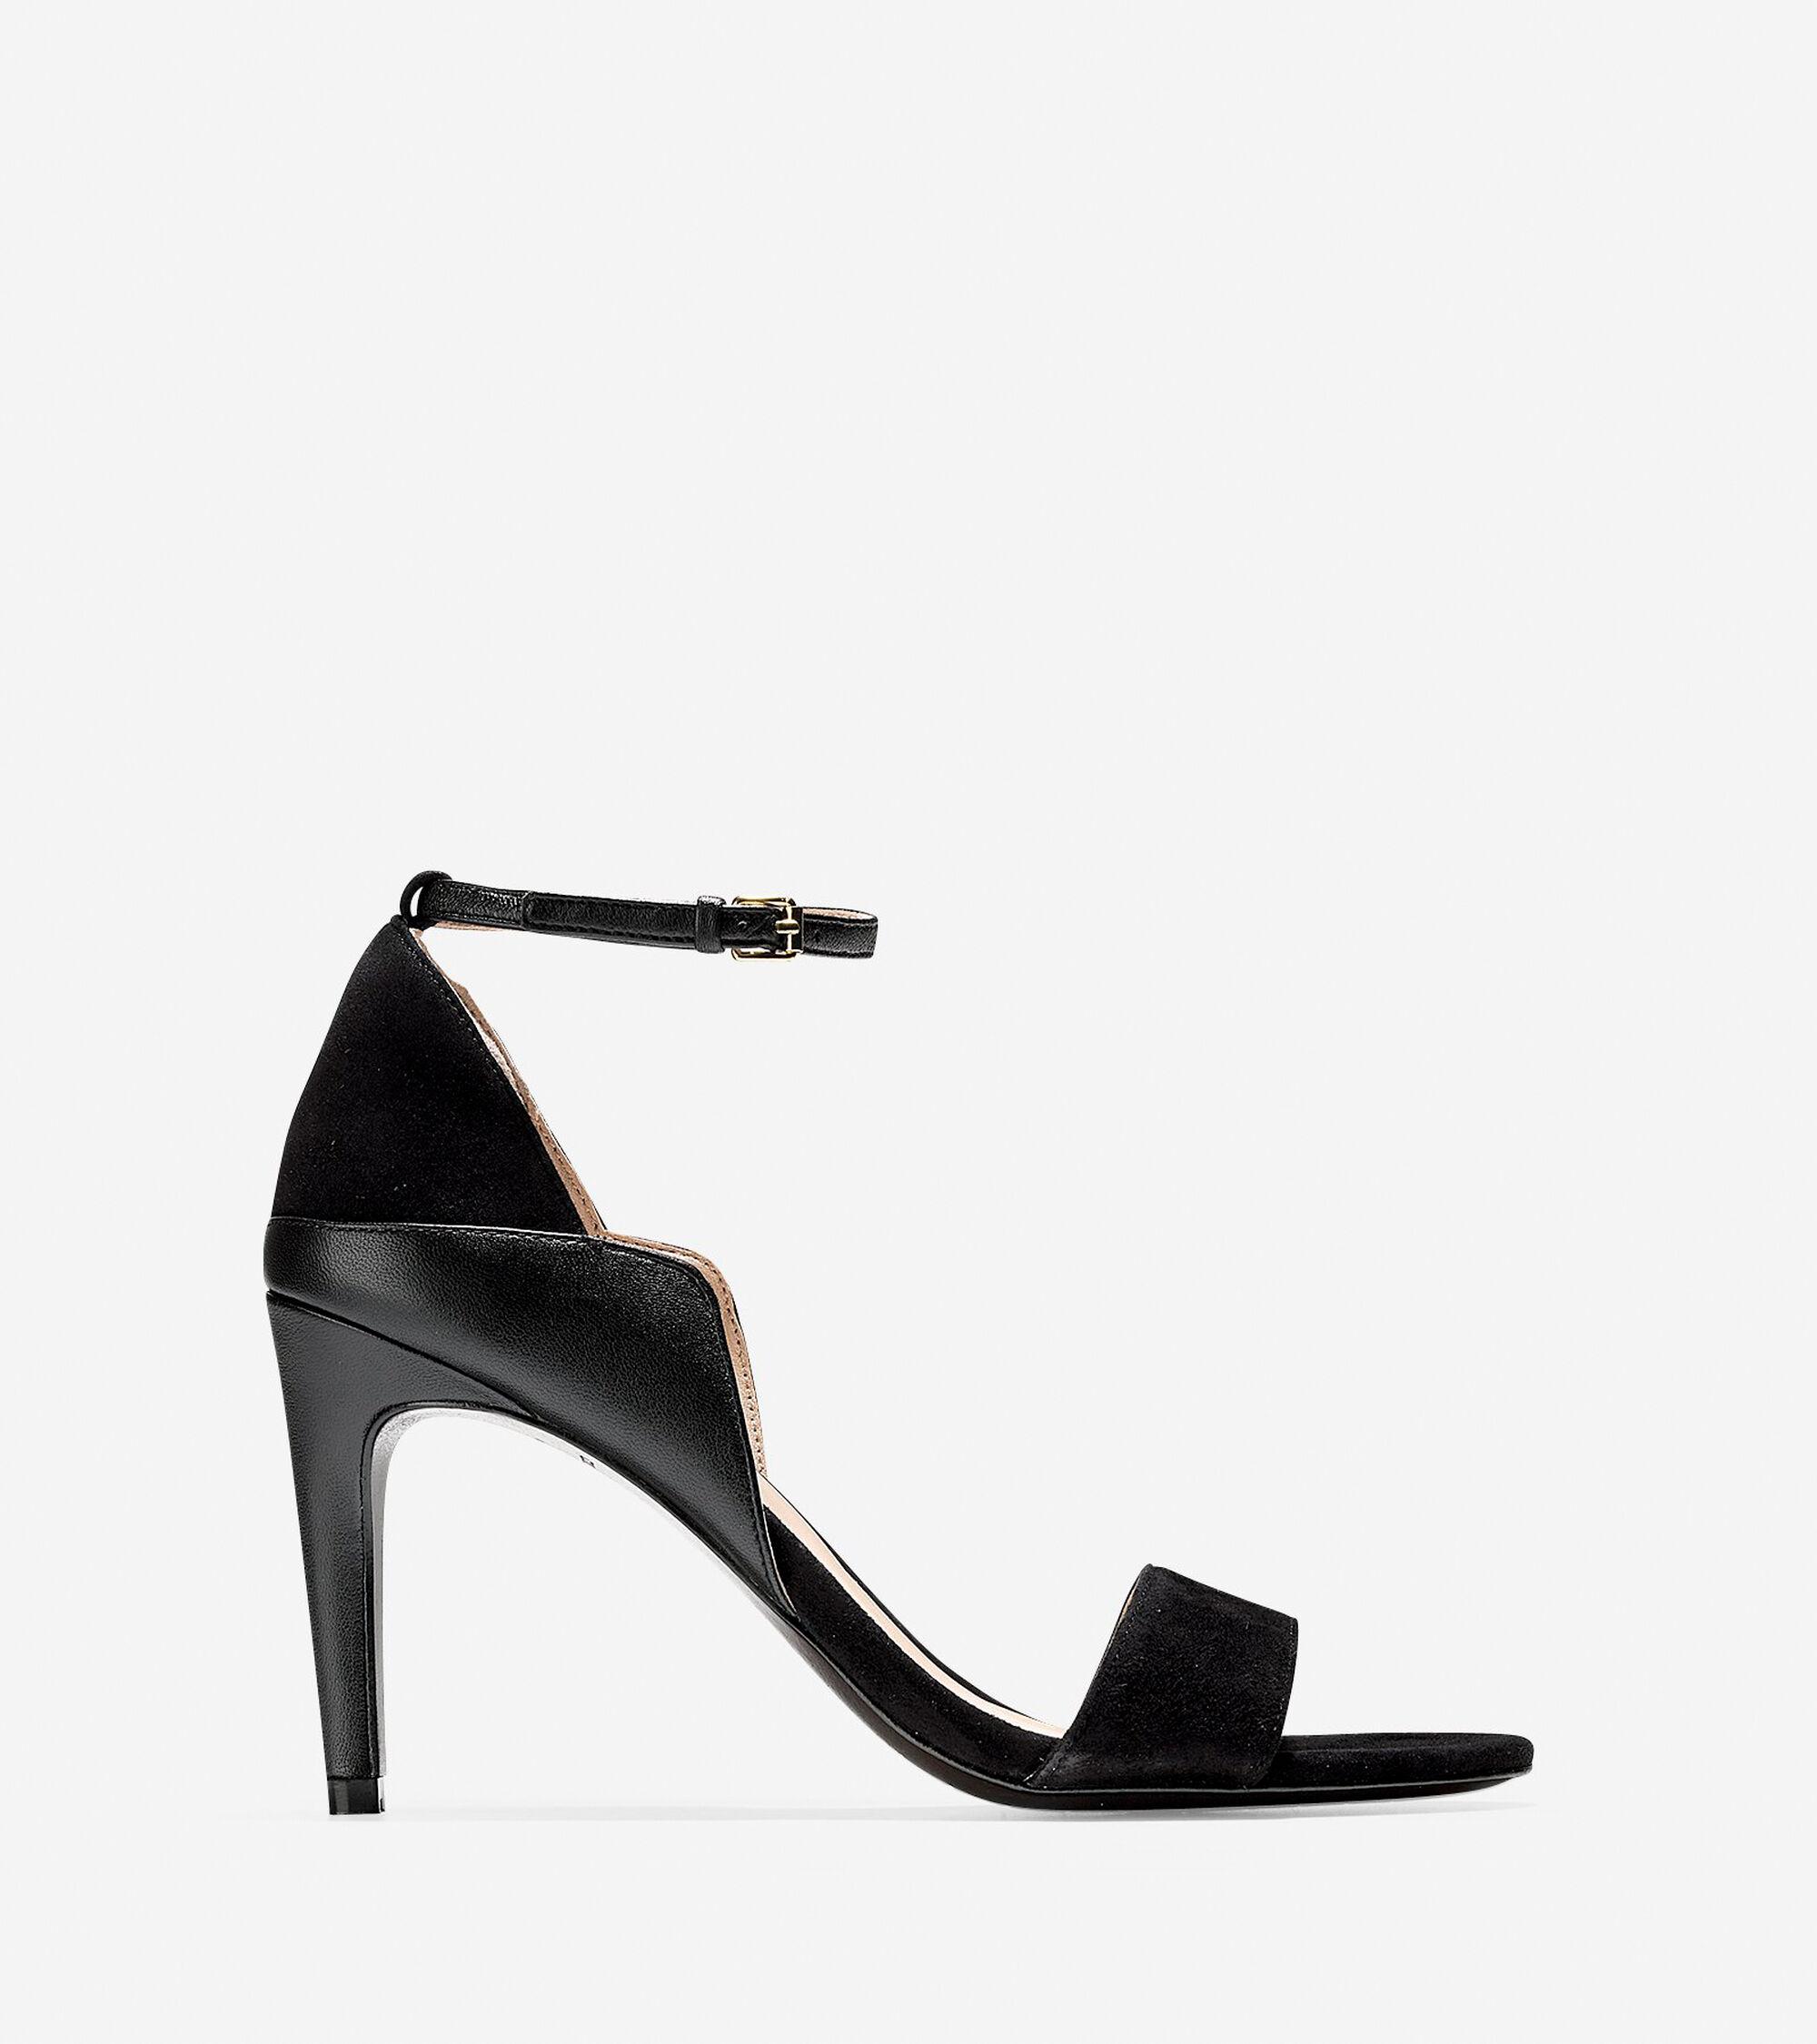 e0f98f7a019ce3 Women s Grace Grand Sandals 85mm in Black-Black